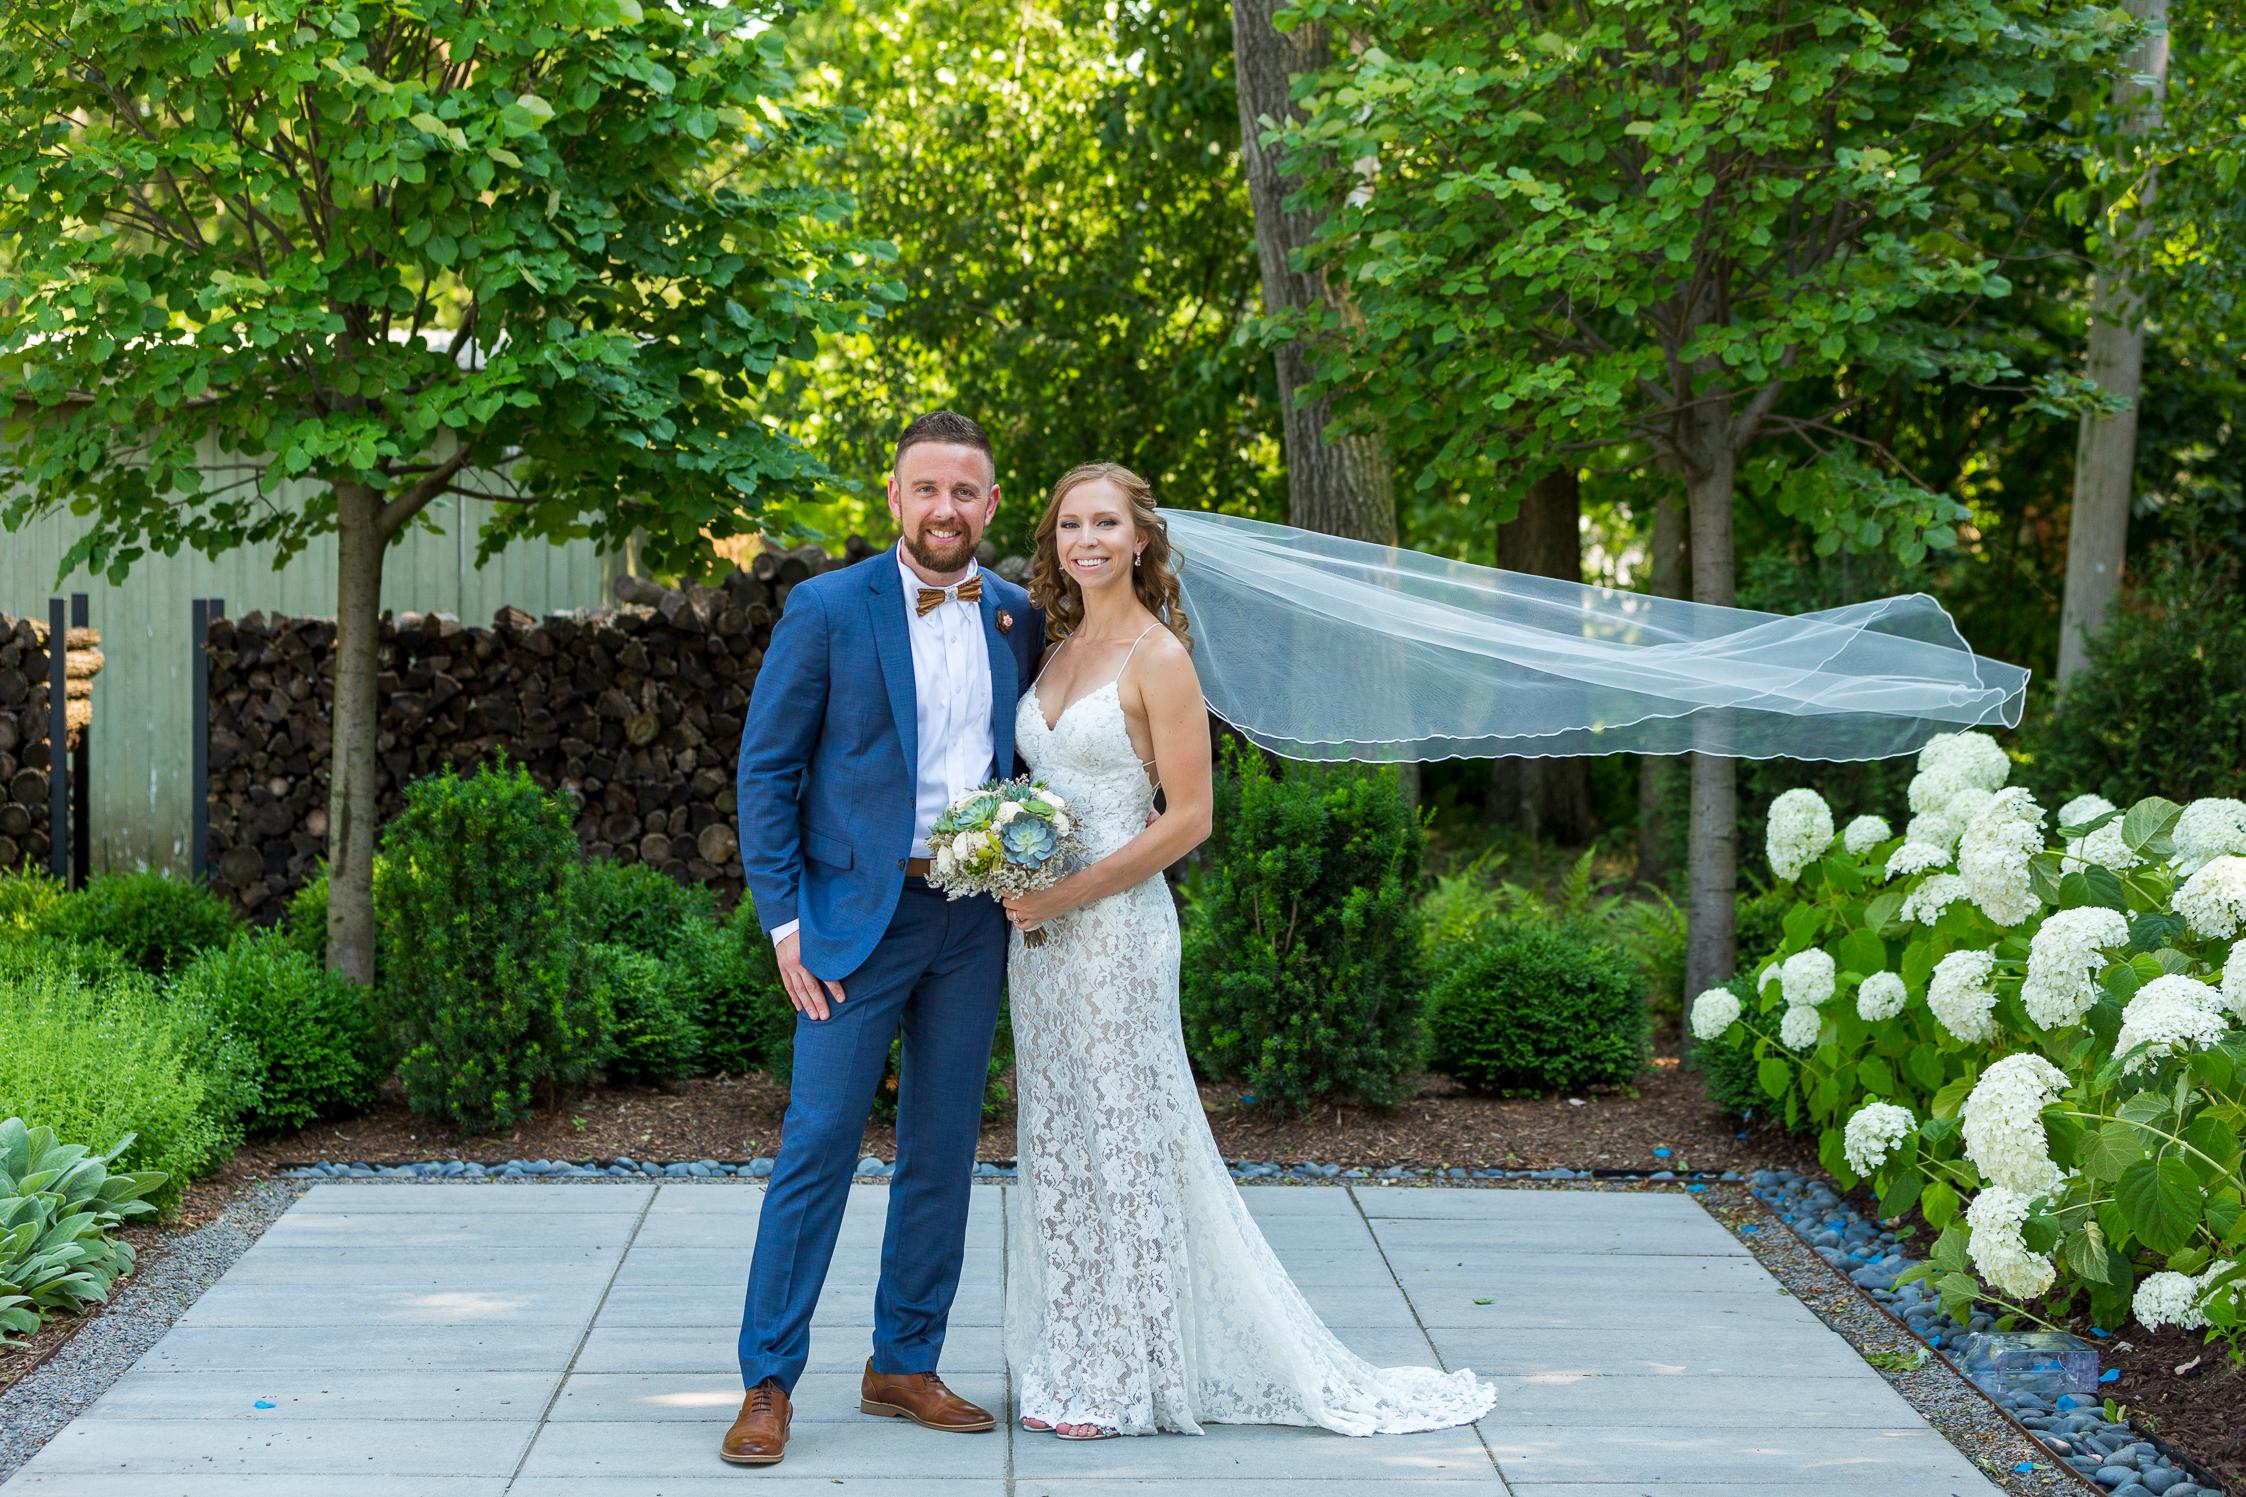 mandy_jeff_outdoor_wedding_bridesmaids_groomsmen.jpg